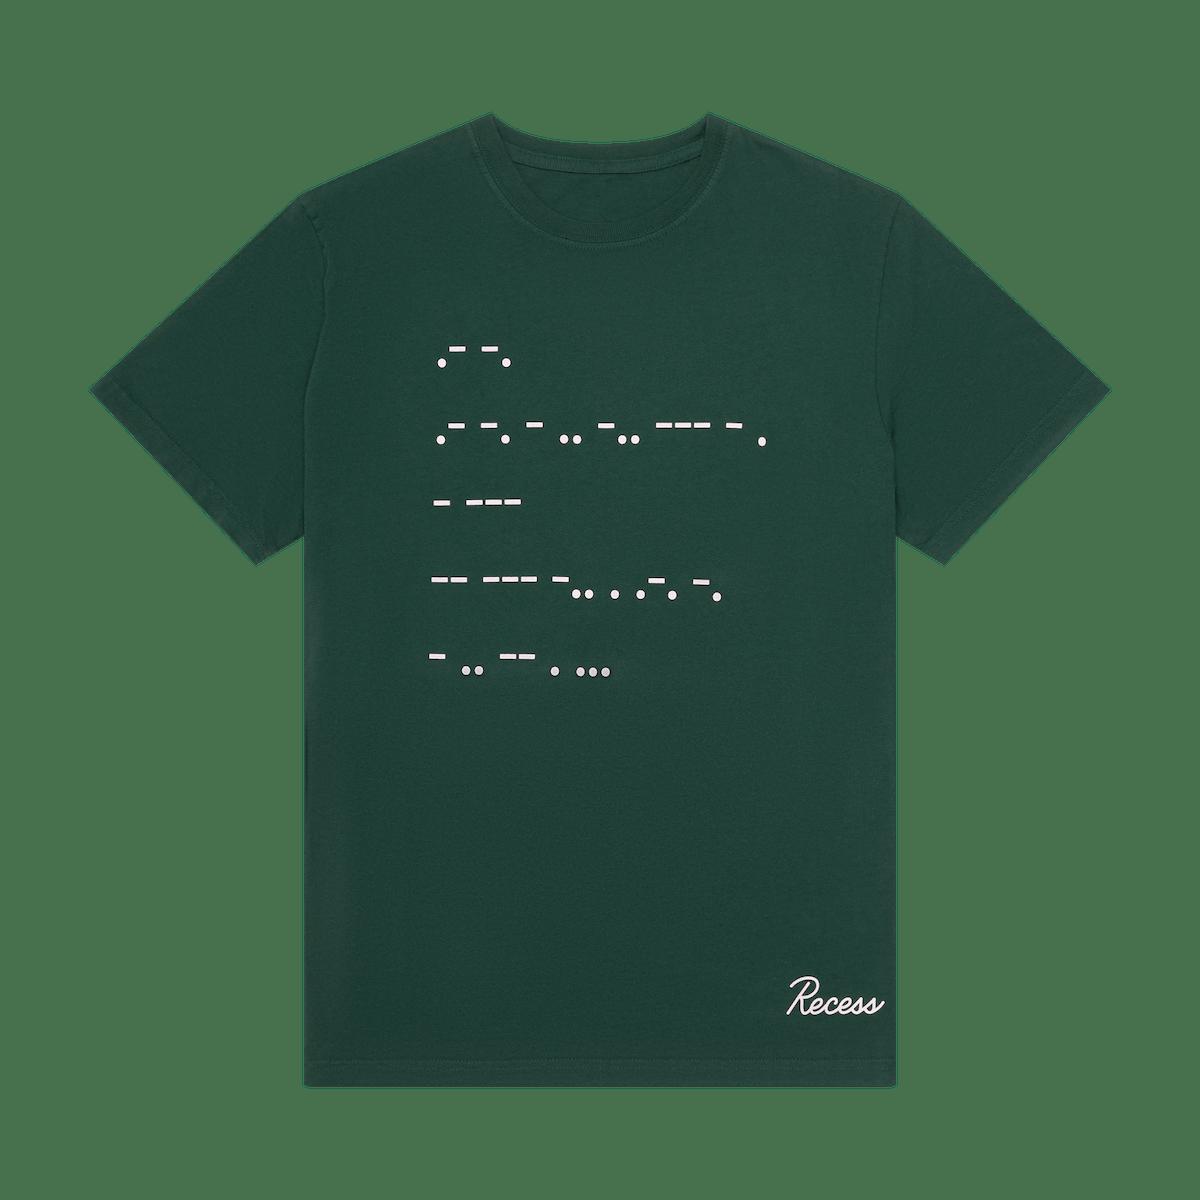 Secret code tee